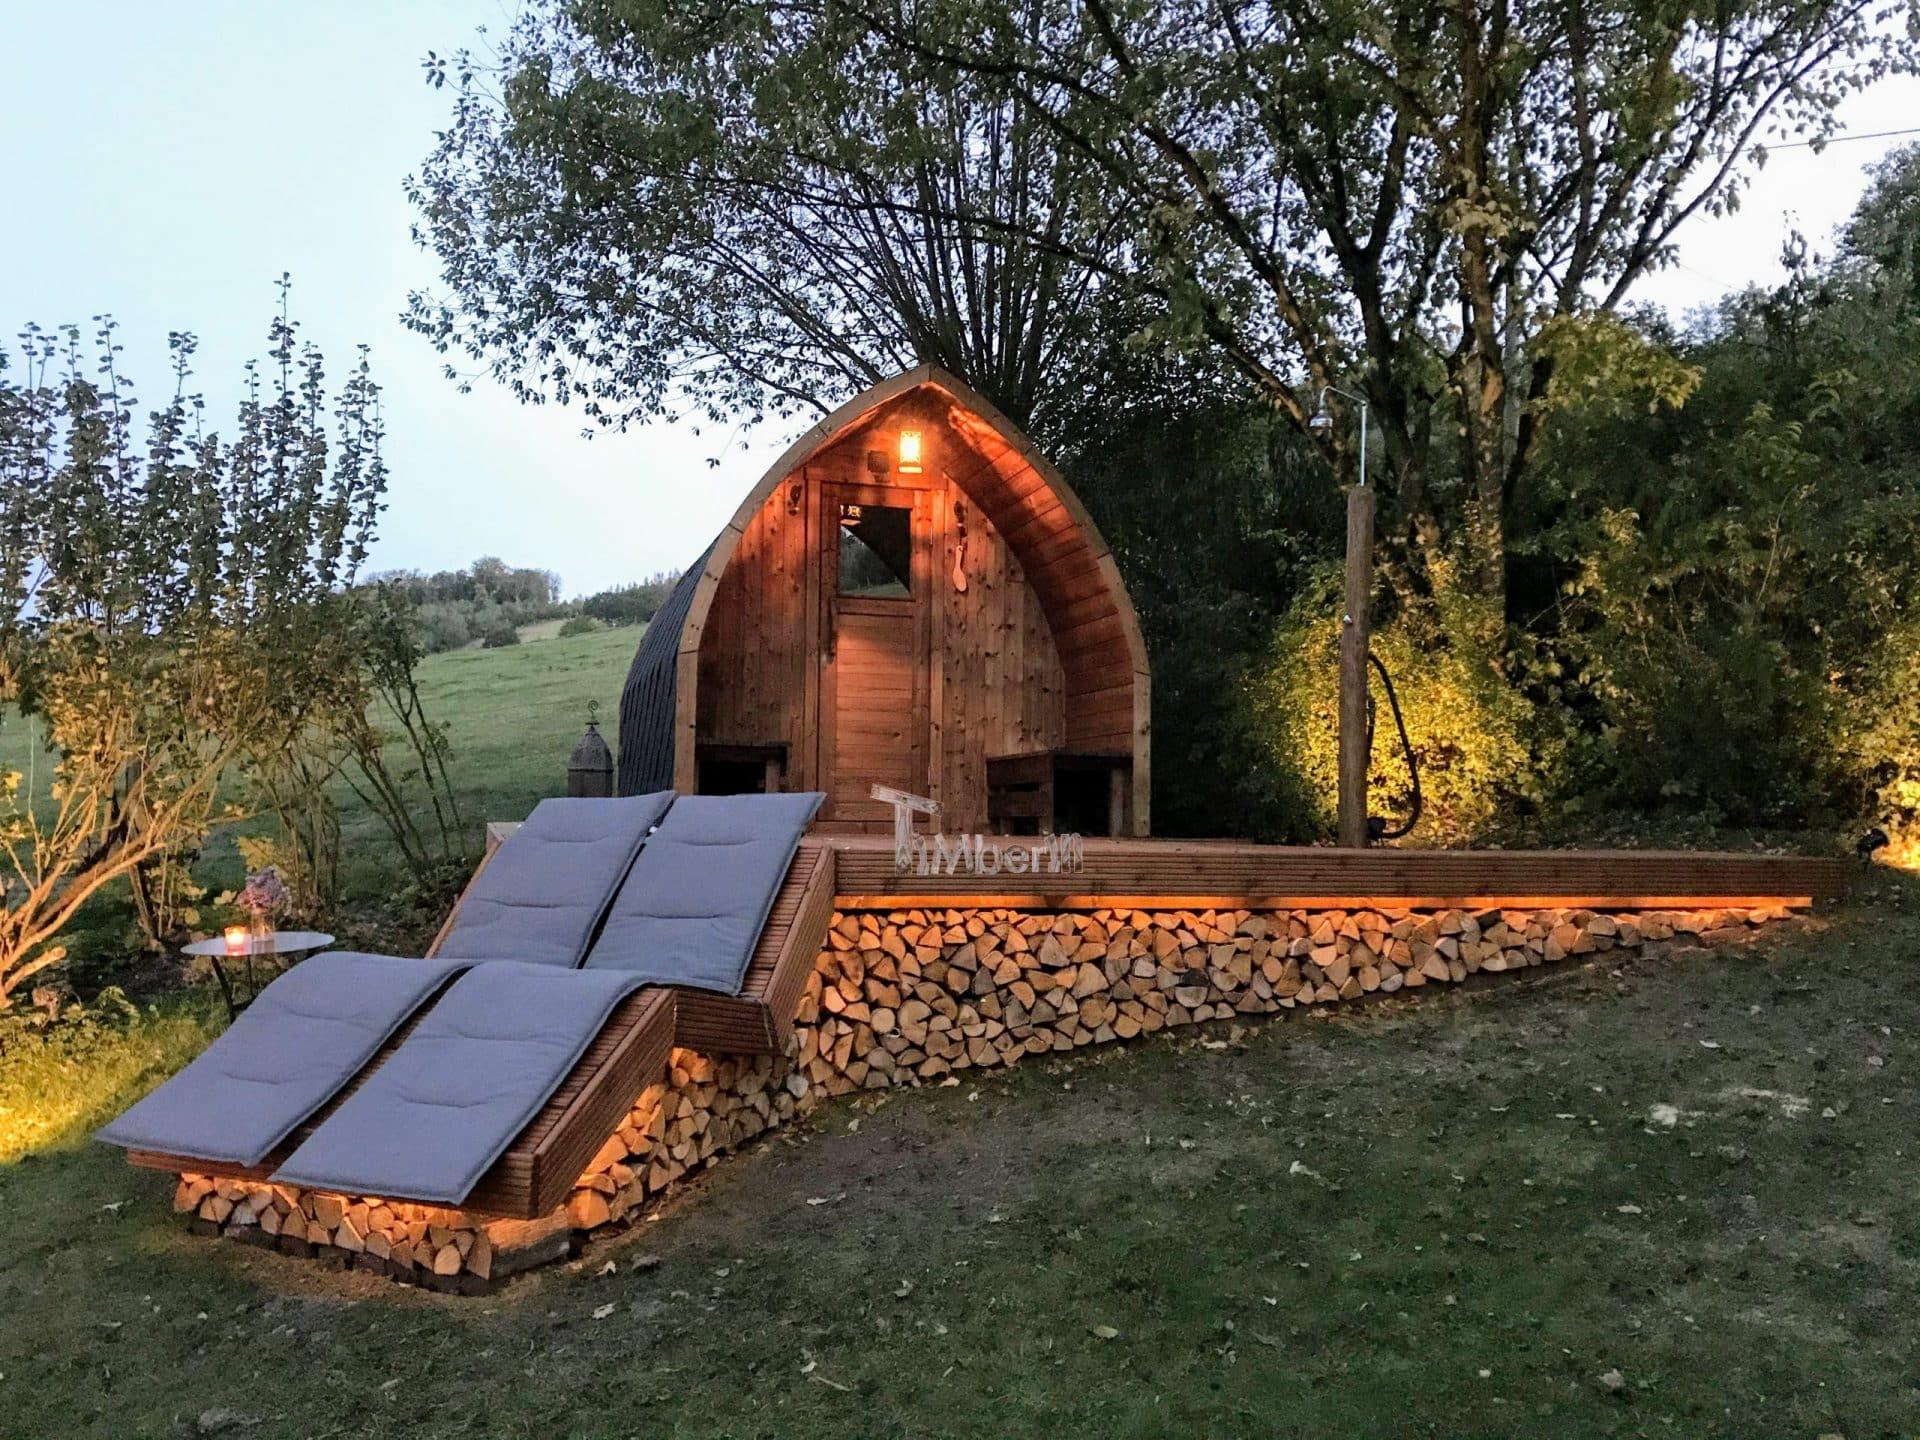 Aussensauna Gartensauna Iglu Pod mit Holzofen Elektrisch 5 scaled